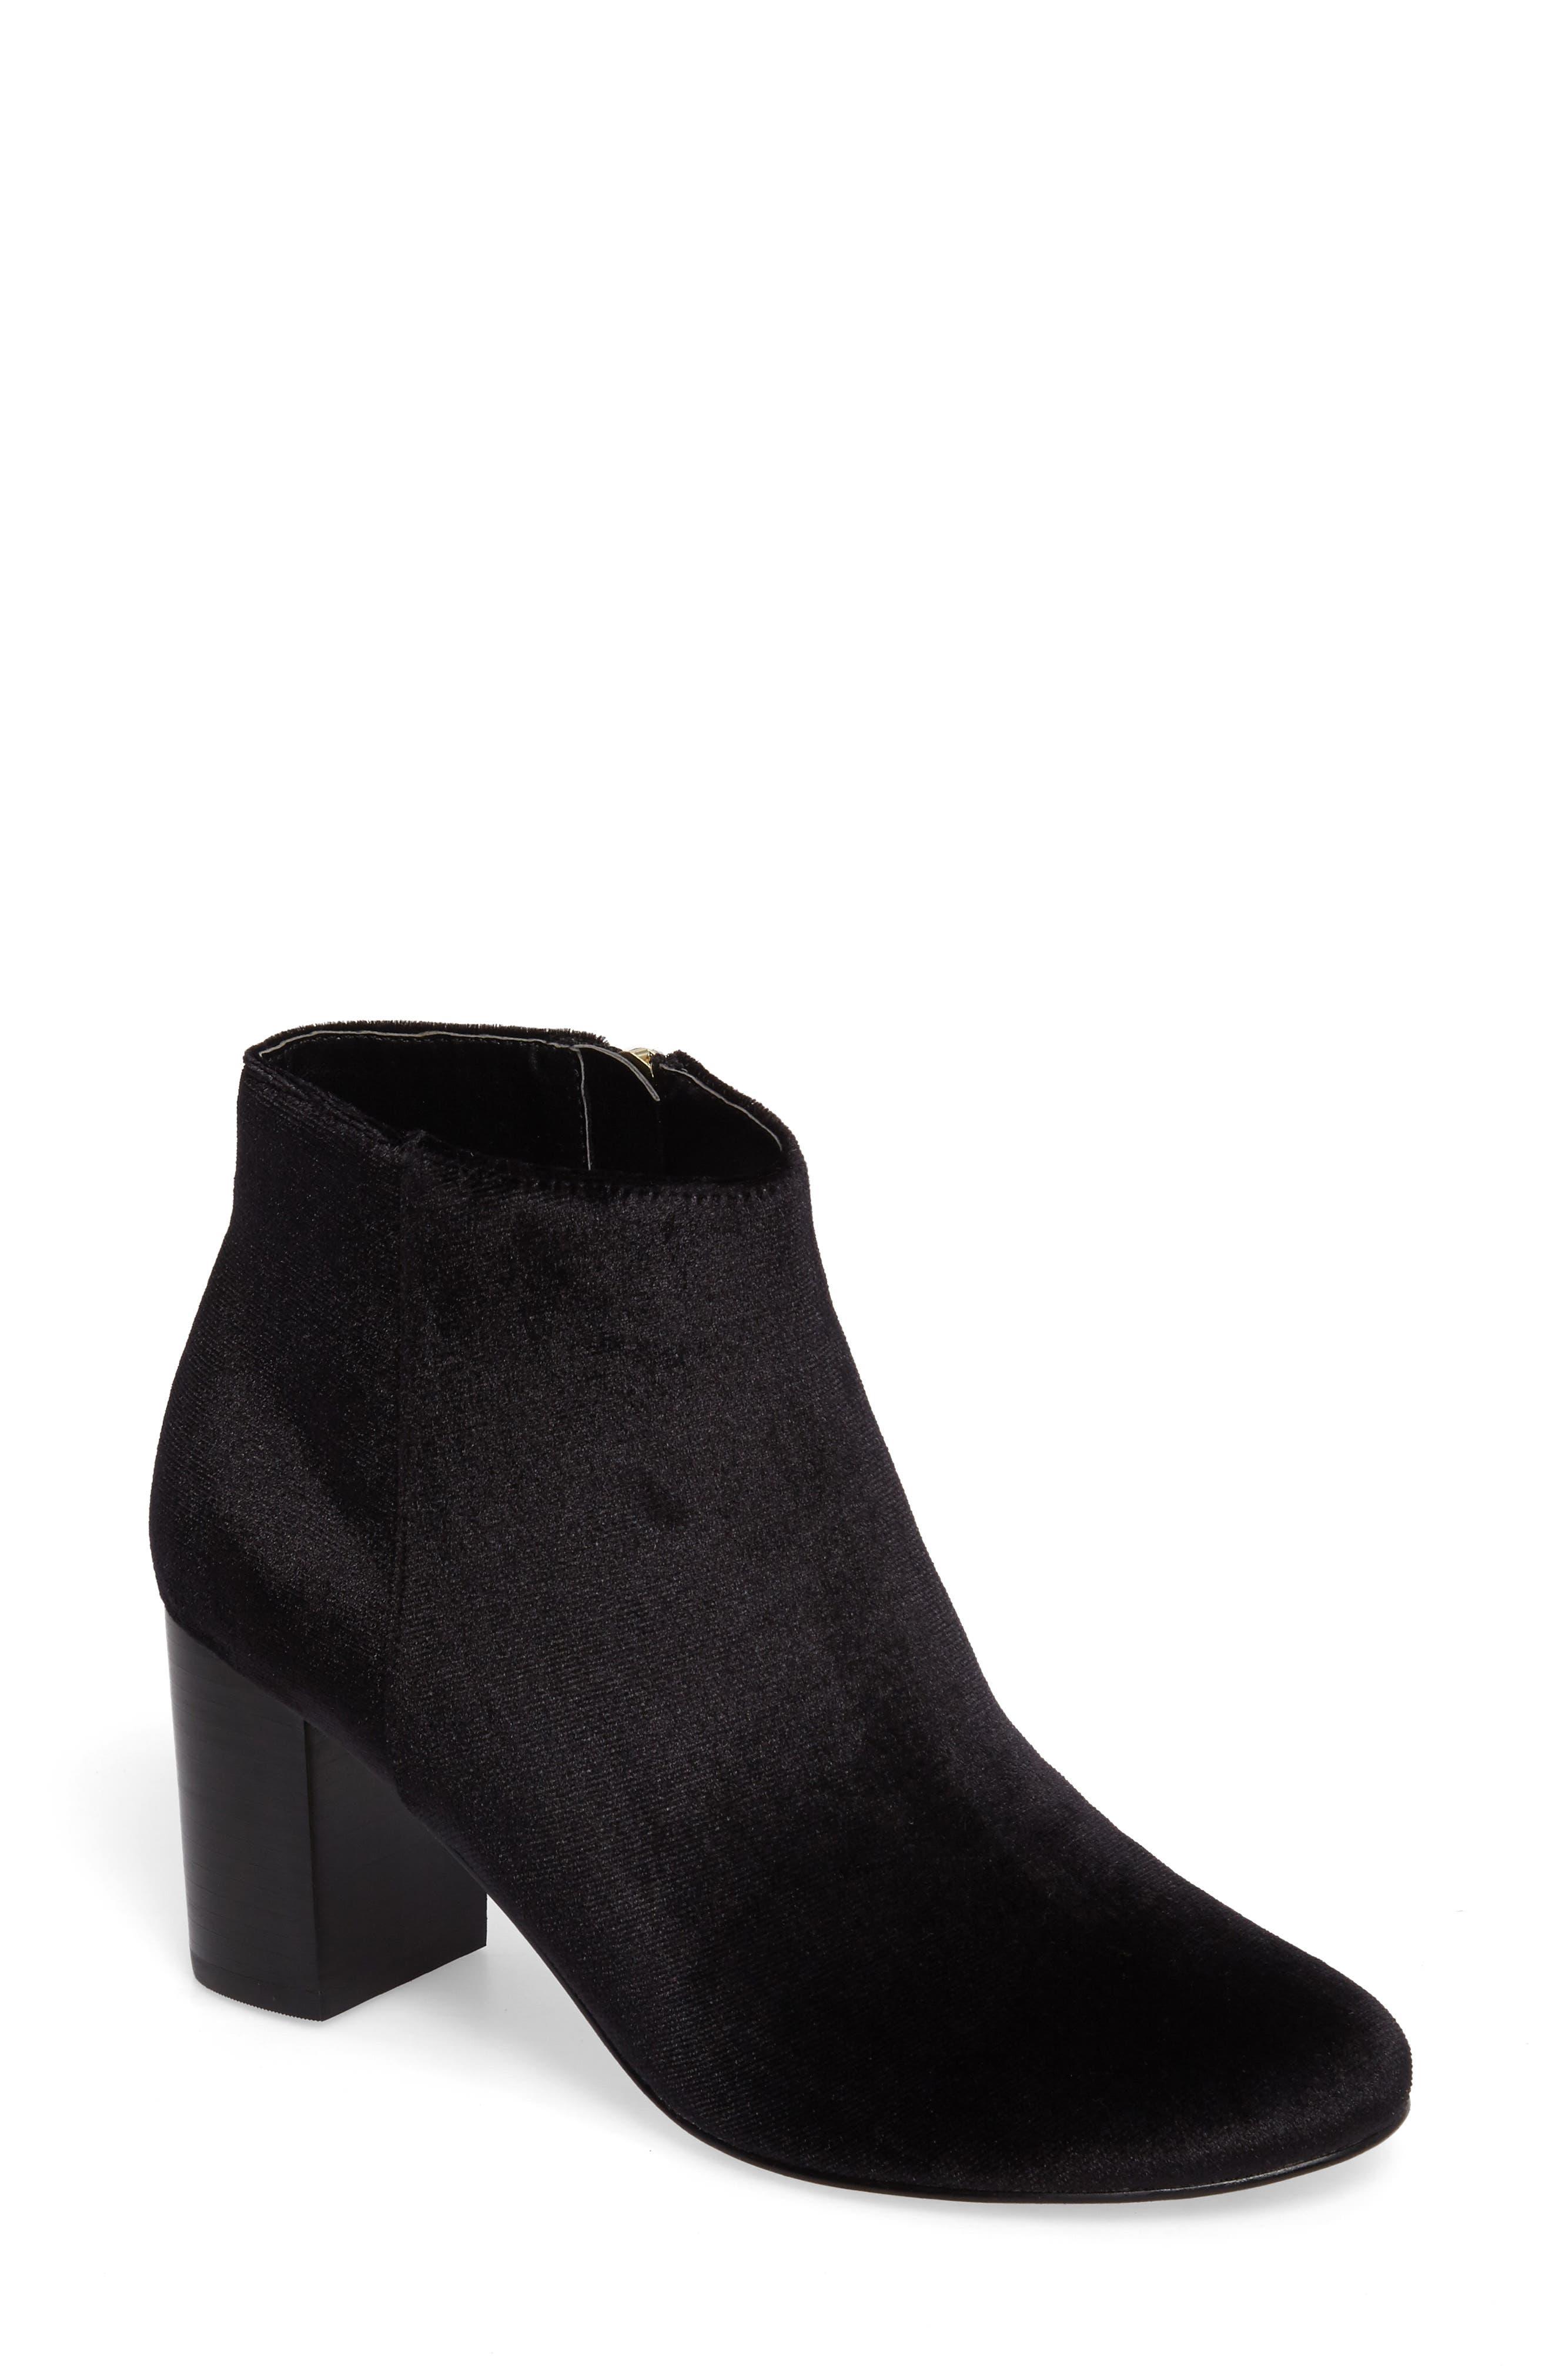 Main Image - Bella Vita Klaudia II Block Heel Bootie (Women)